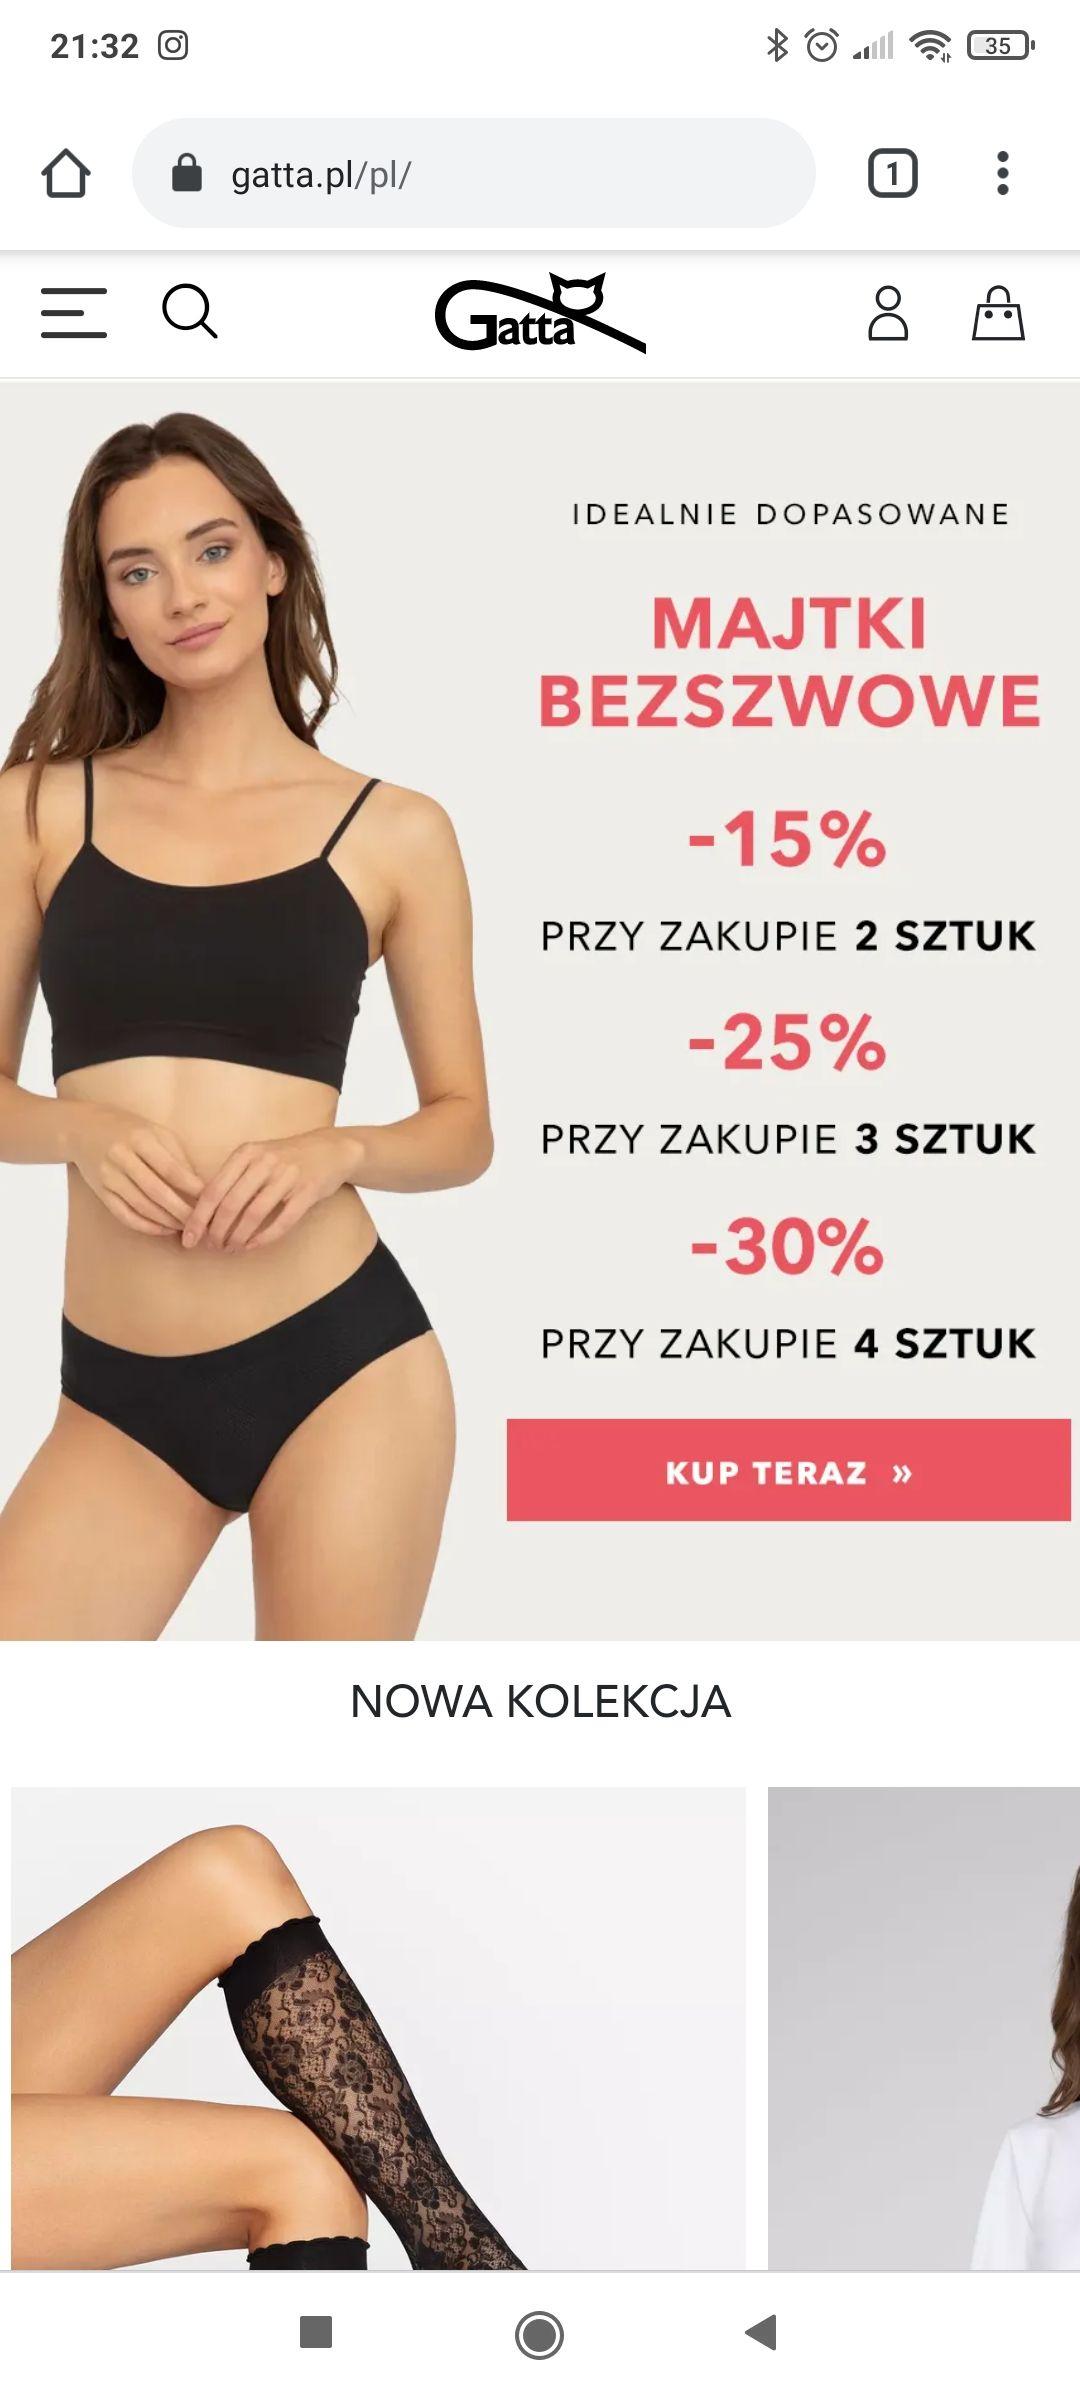 Powiększająca się promocja przy zakupie majtek bezszwowych Gatta do -30%